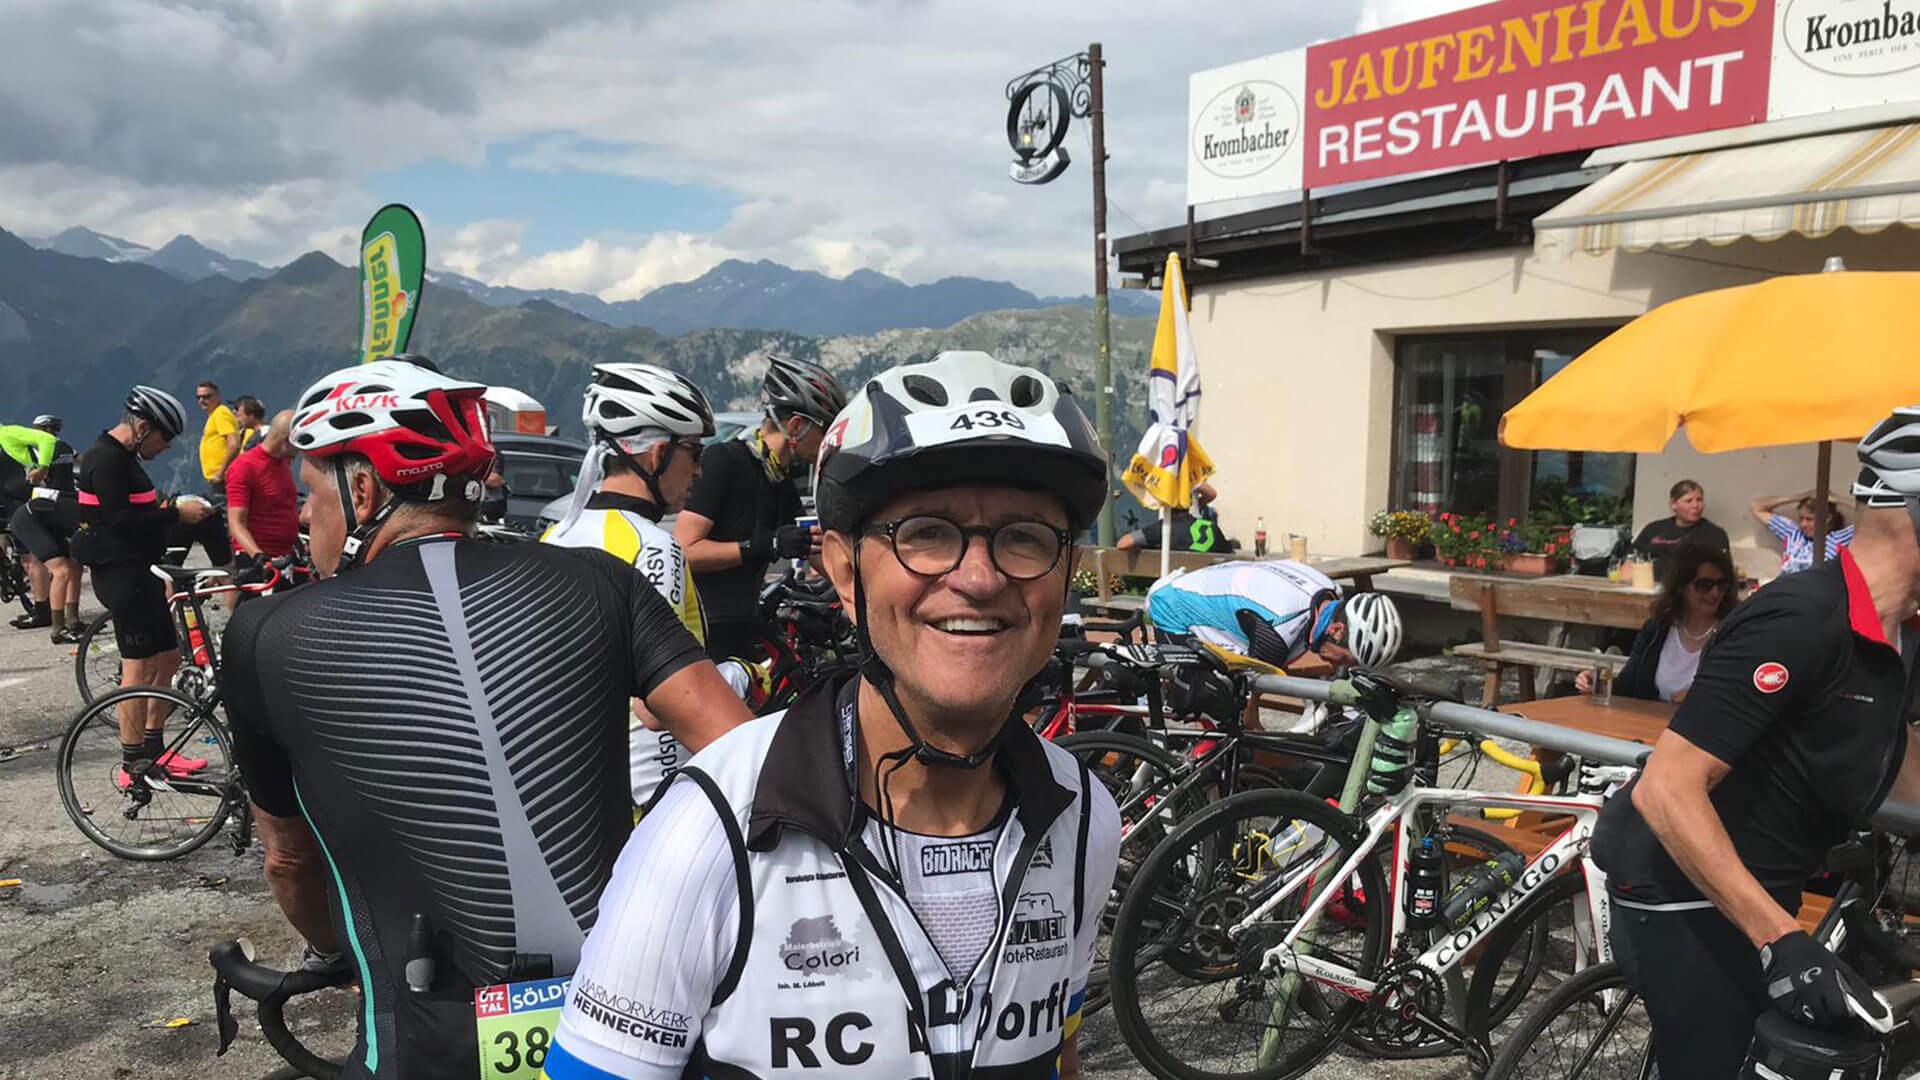 Roland Fuchs am Jaufenpass, Oeztaler Radmarathon 2019